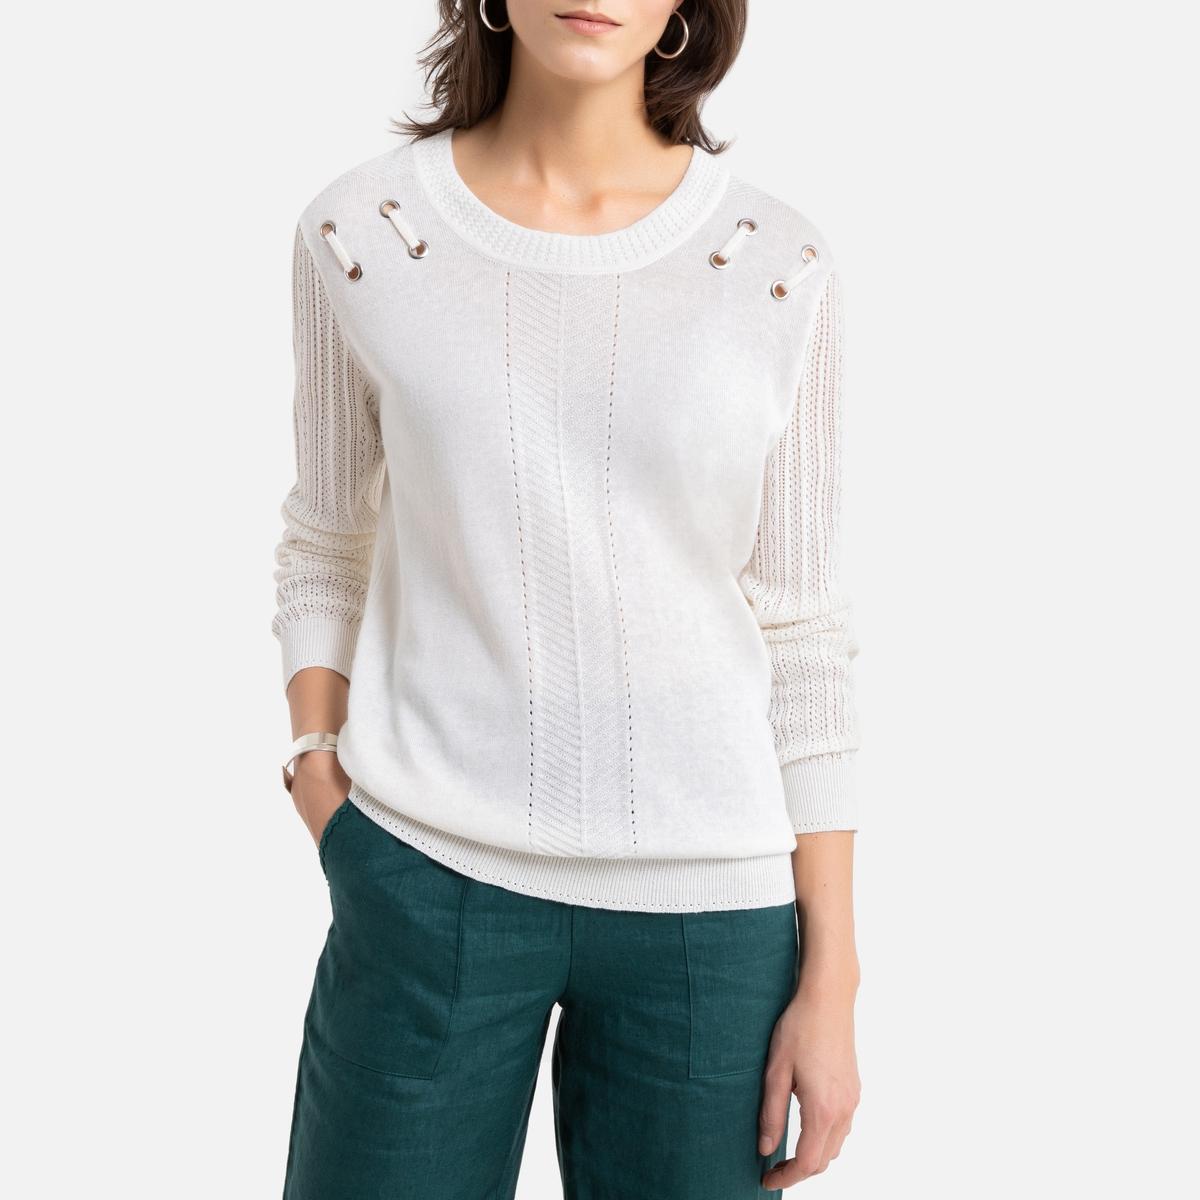 Camisola de gola redonda, em malha fina de linho e de algodão